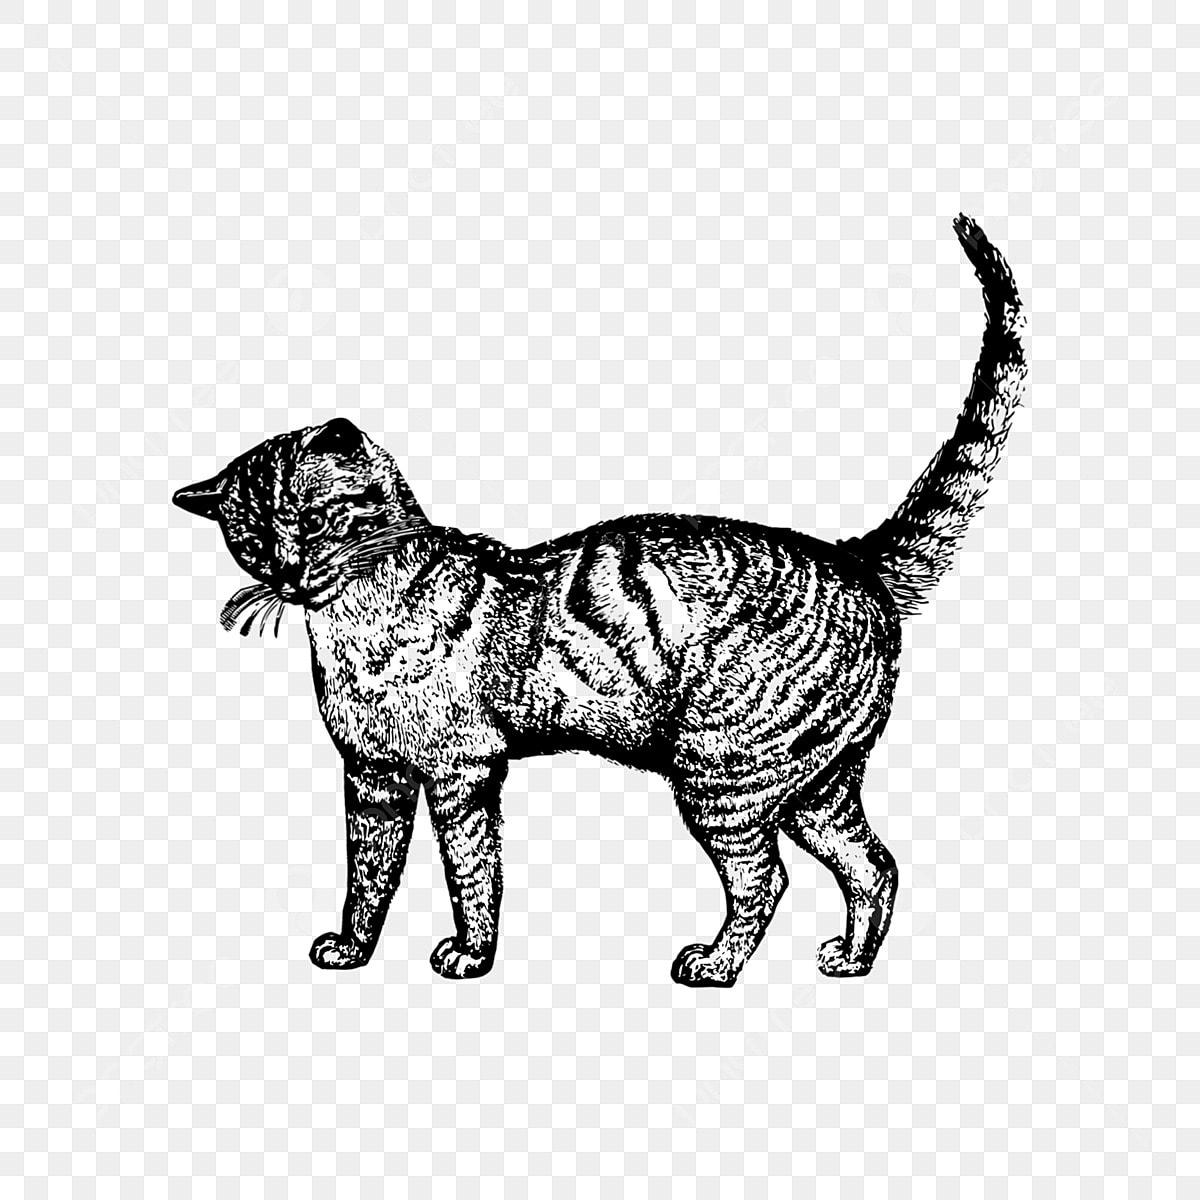 Gambar Sketsa Hitam Tangan Yang Disediakan Oleh Elemen Kucing Dewasa Kucing Kucing Anak Kucing Png Dan Psd Untuk Muat Turun Percuma